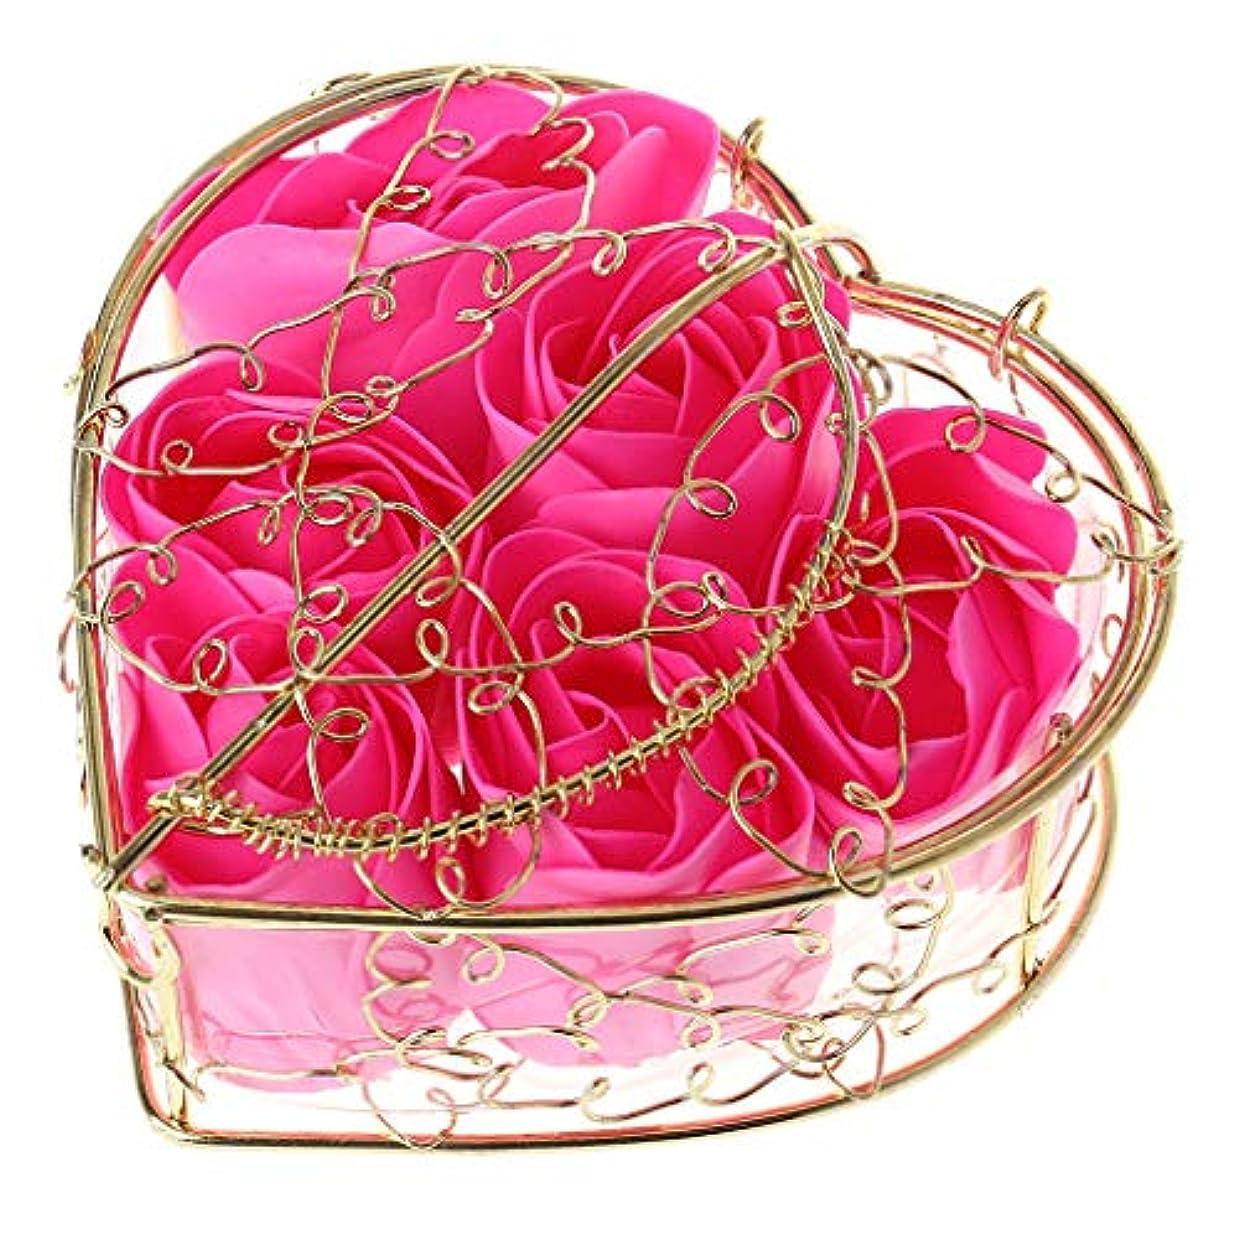 れるフェード温度計Kaman-co 6本の香りのバラの花びら、入浴ボディーソープ、ウェディングパーティーの装飾ギフト、バレンタインデーの贈り物 (HP)